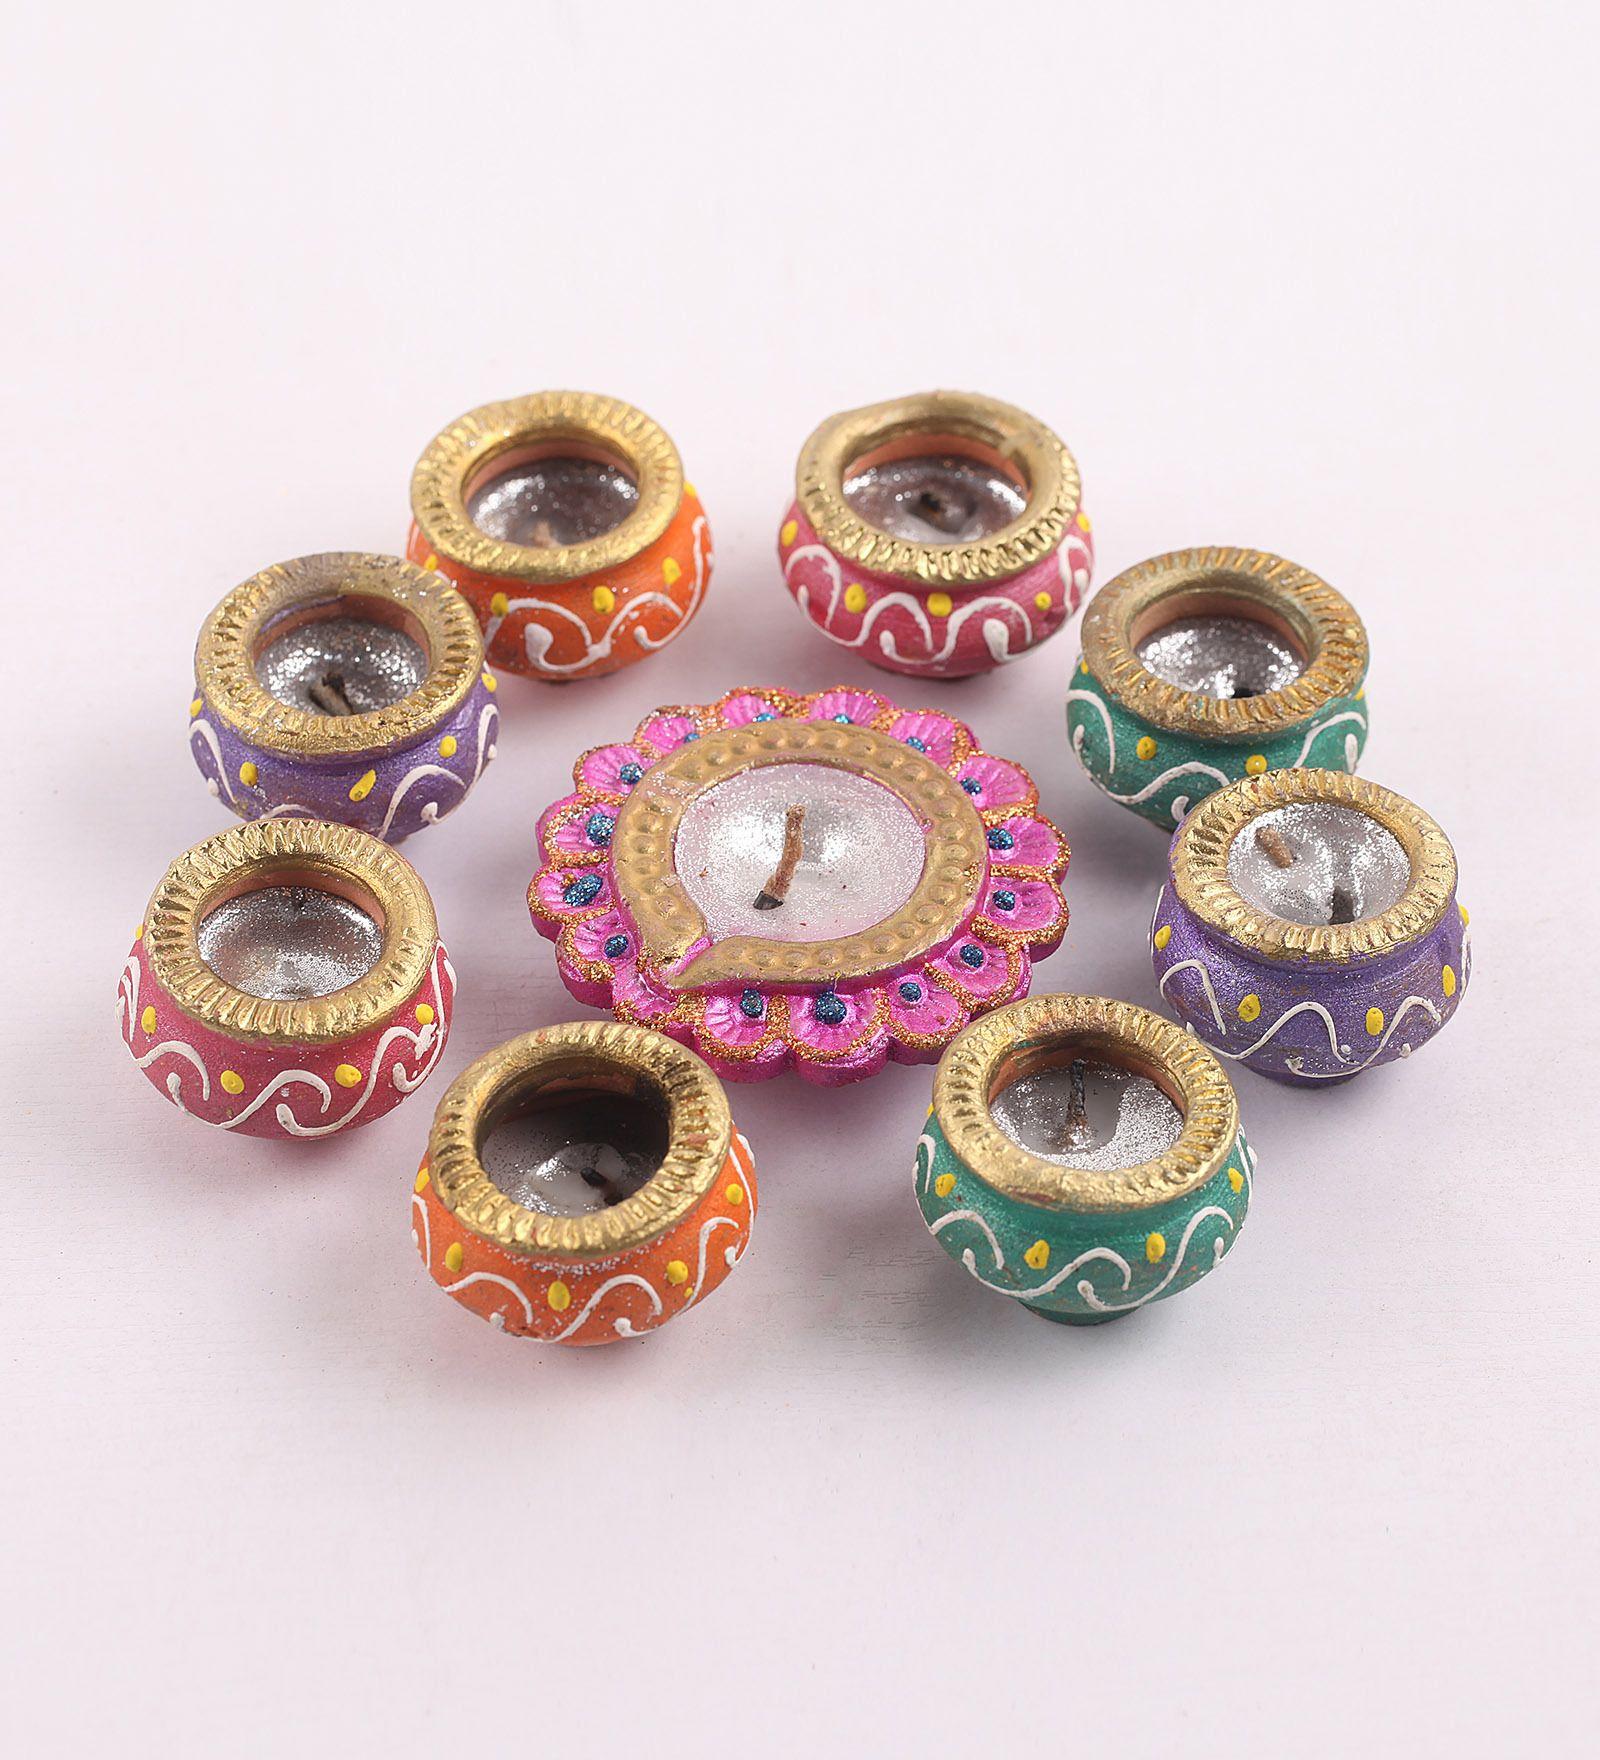 Diwali Lights Online Shop: Buy Decardo Multicolour Clay Fancy Diwali Diya